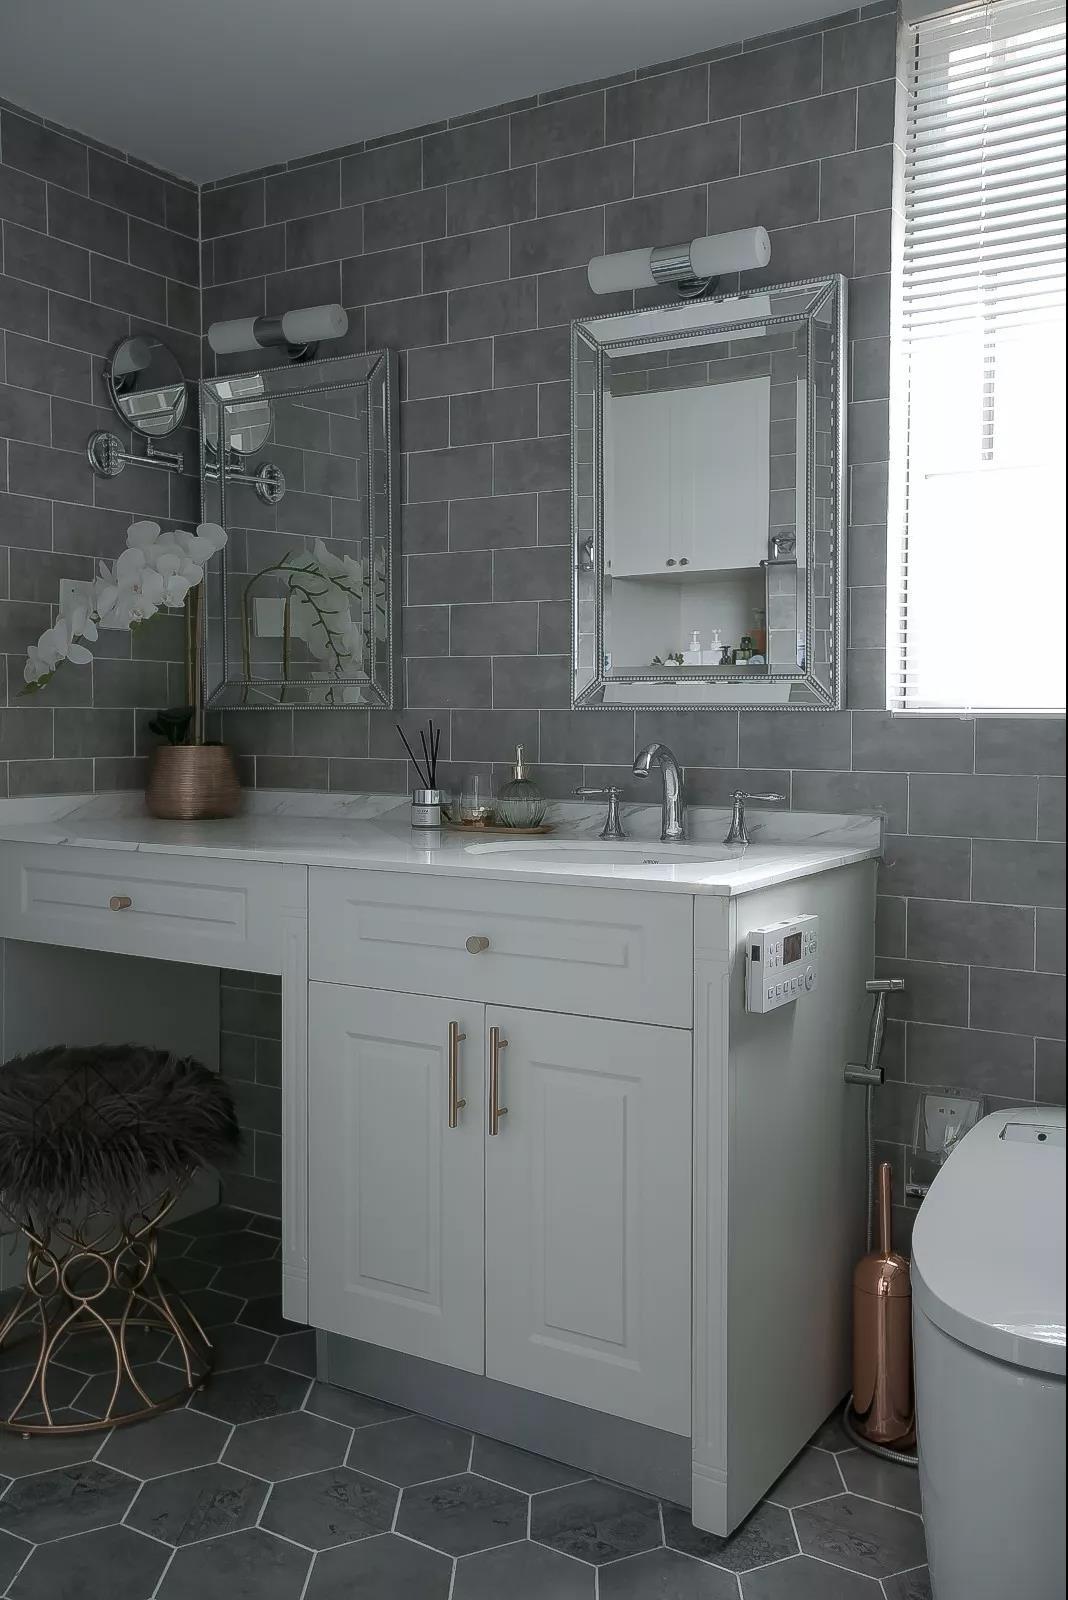 2020北歐衛生間裝修圖片 2020北歐浴室柜裝修圖片